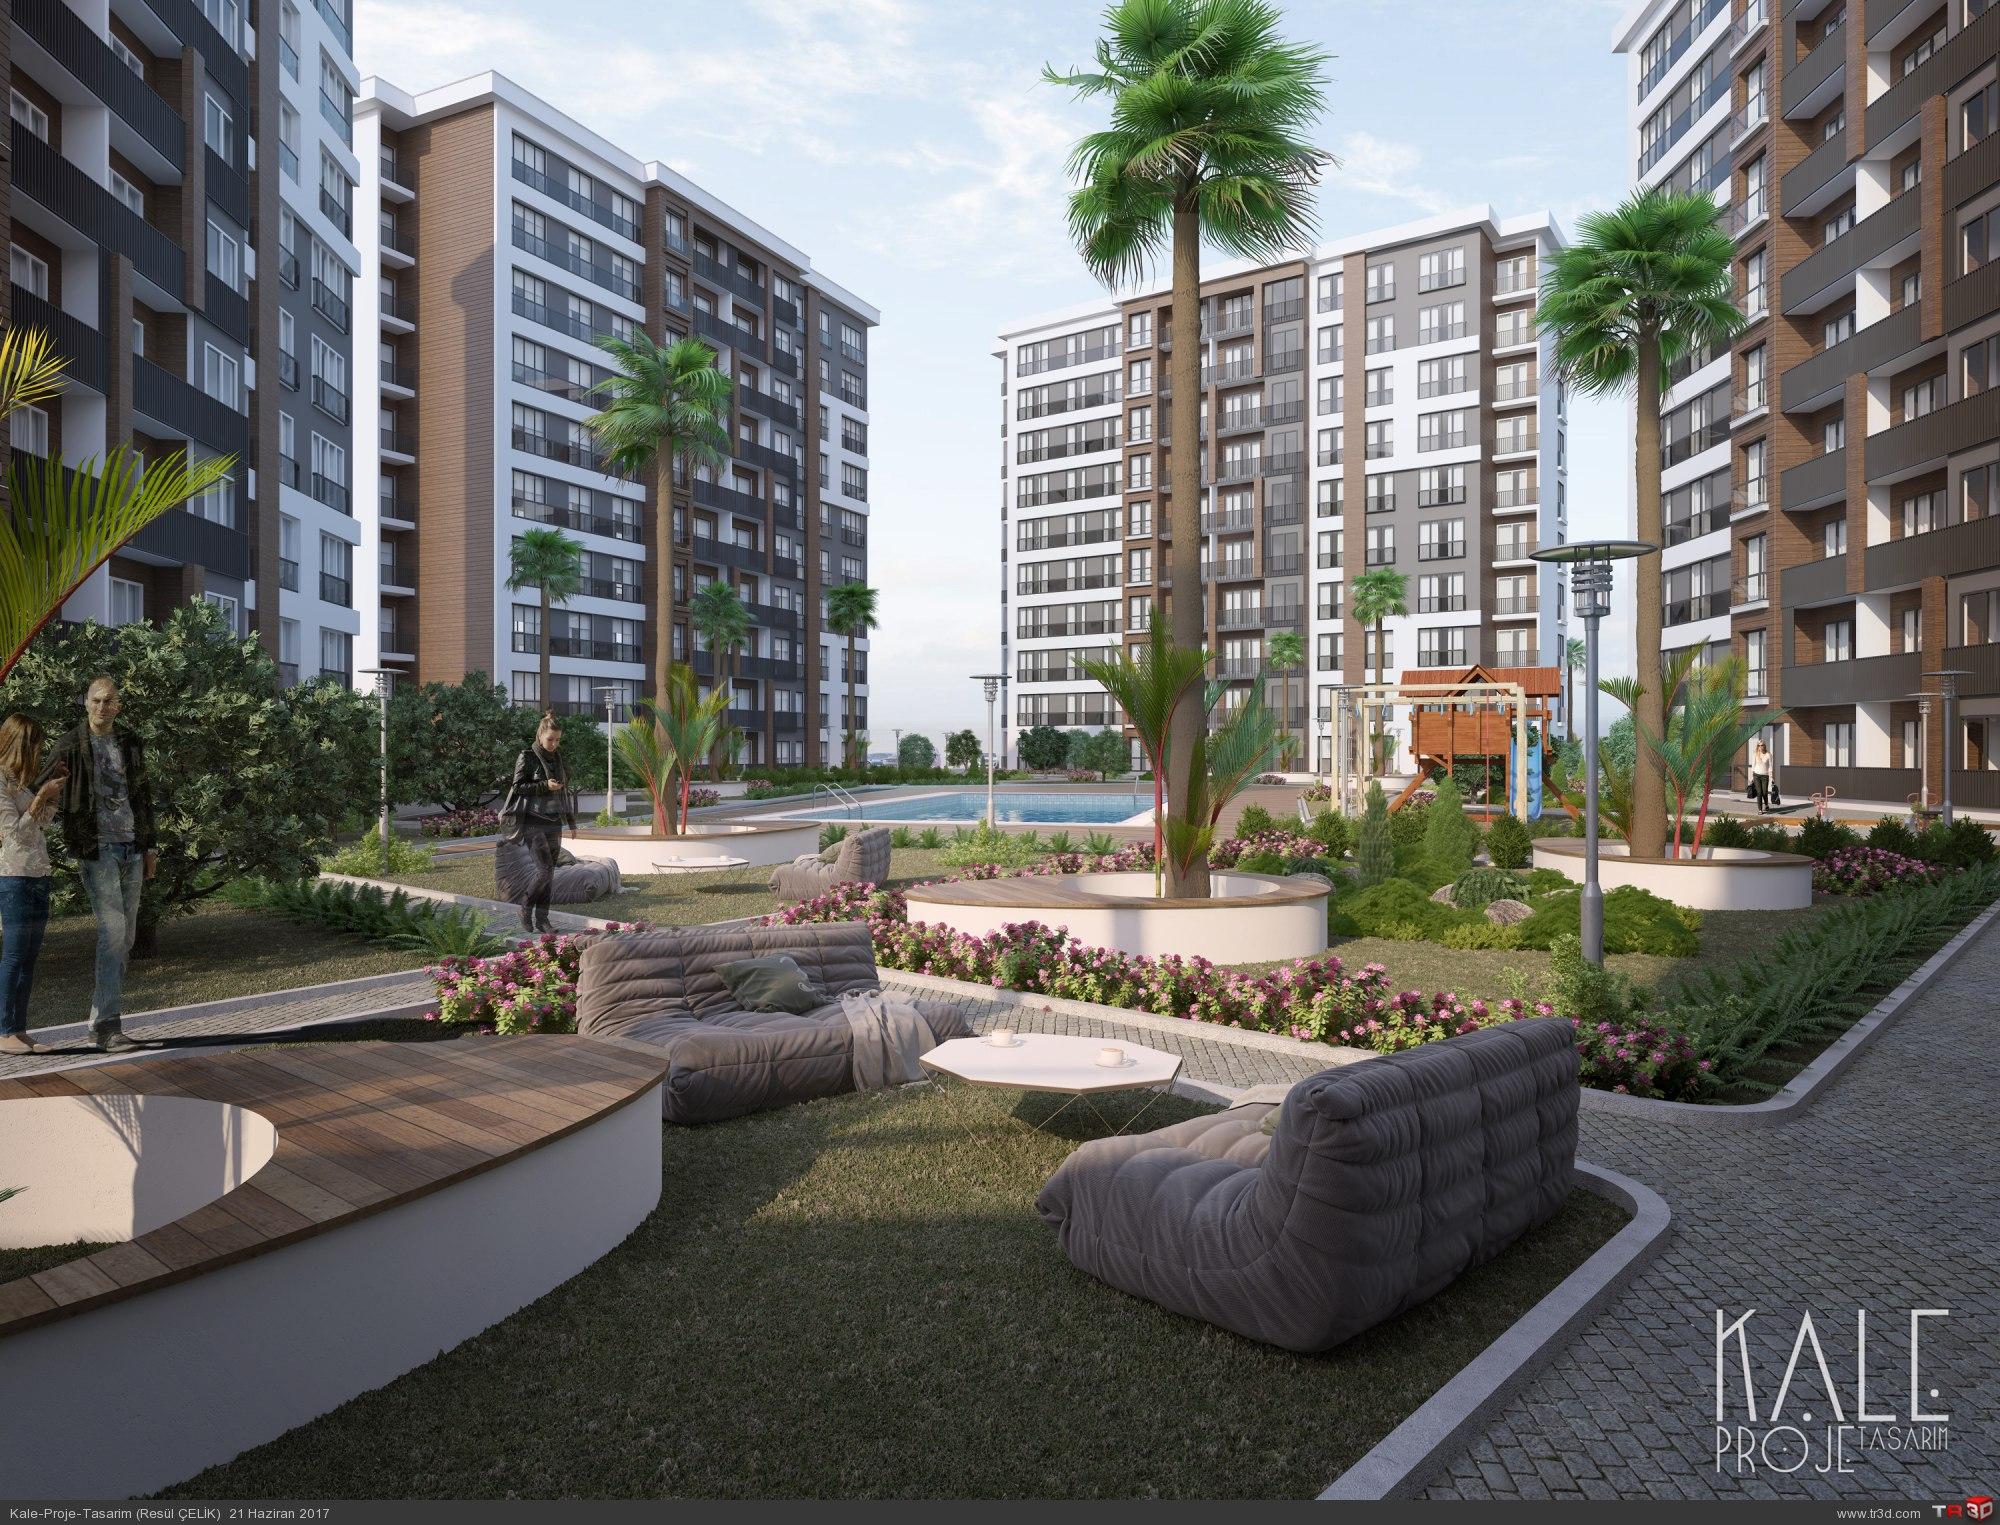 KAle proje - İstanbul 6 Blok Konut projesi tasarımı.